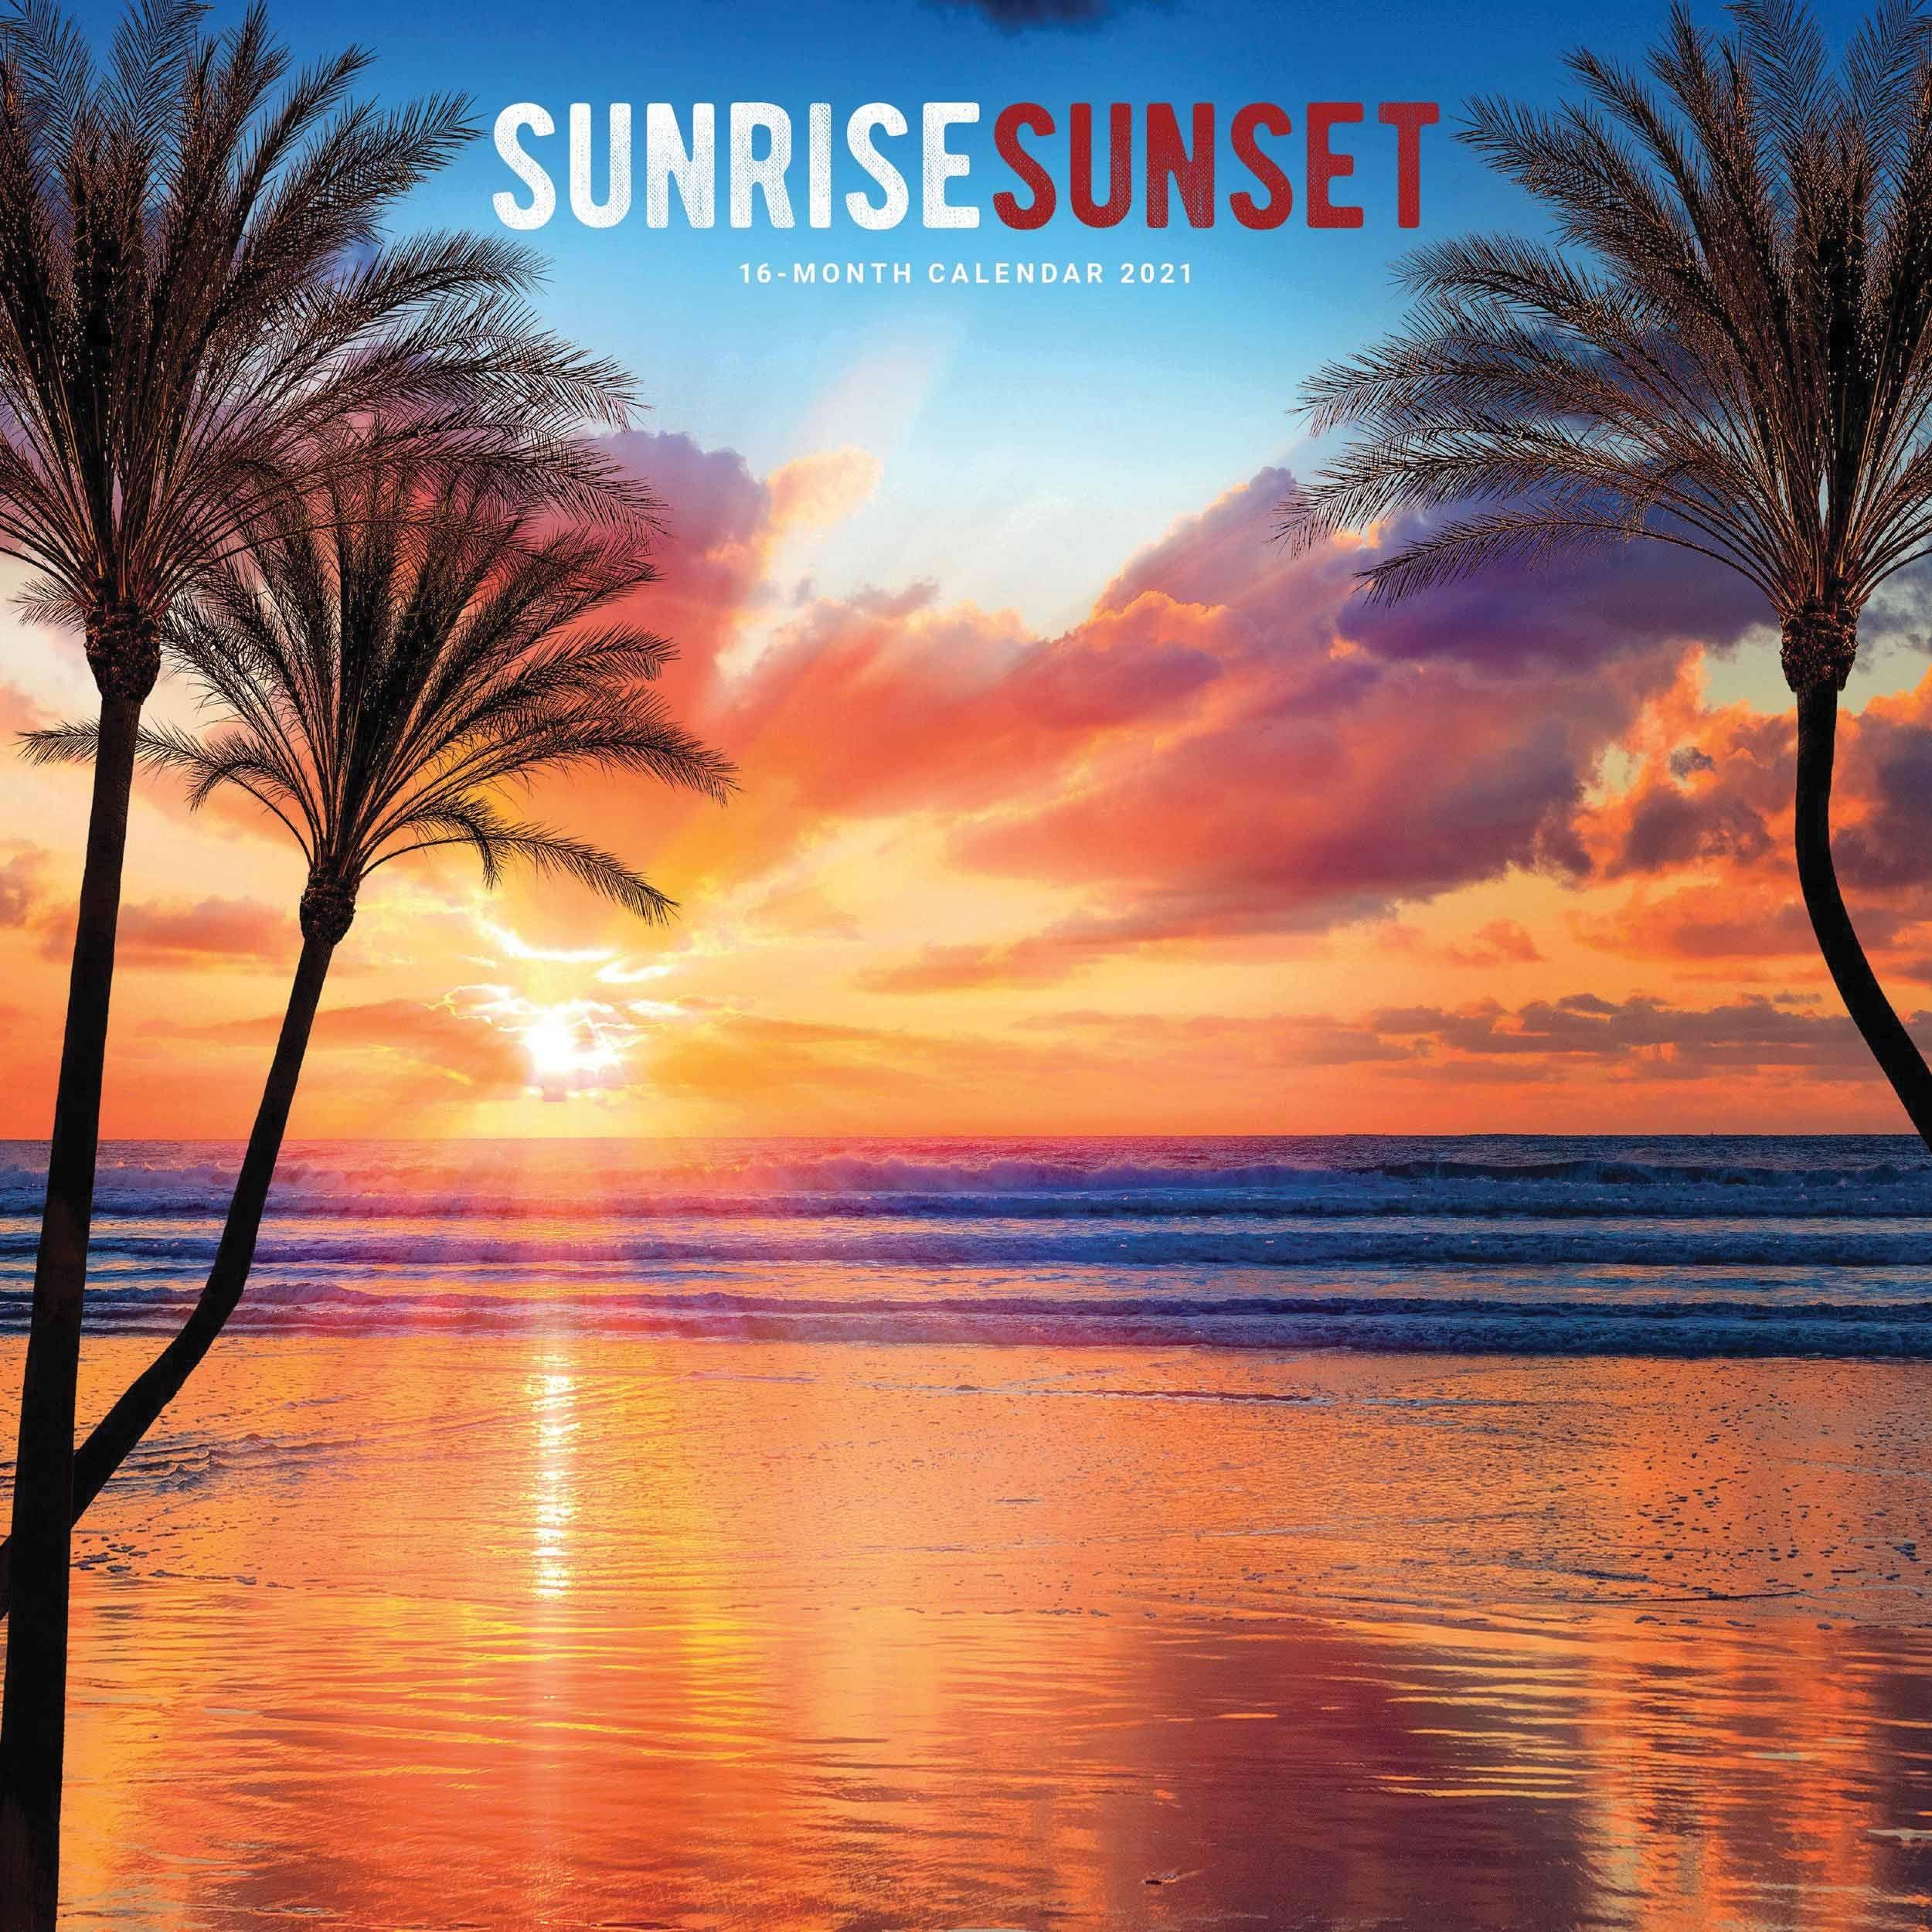 Sunrise Sunset Calendar 2021 At Calendar Club